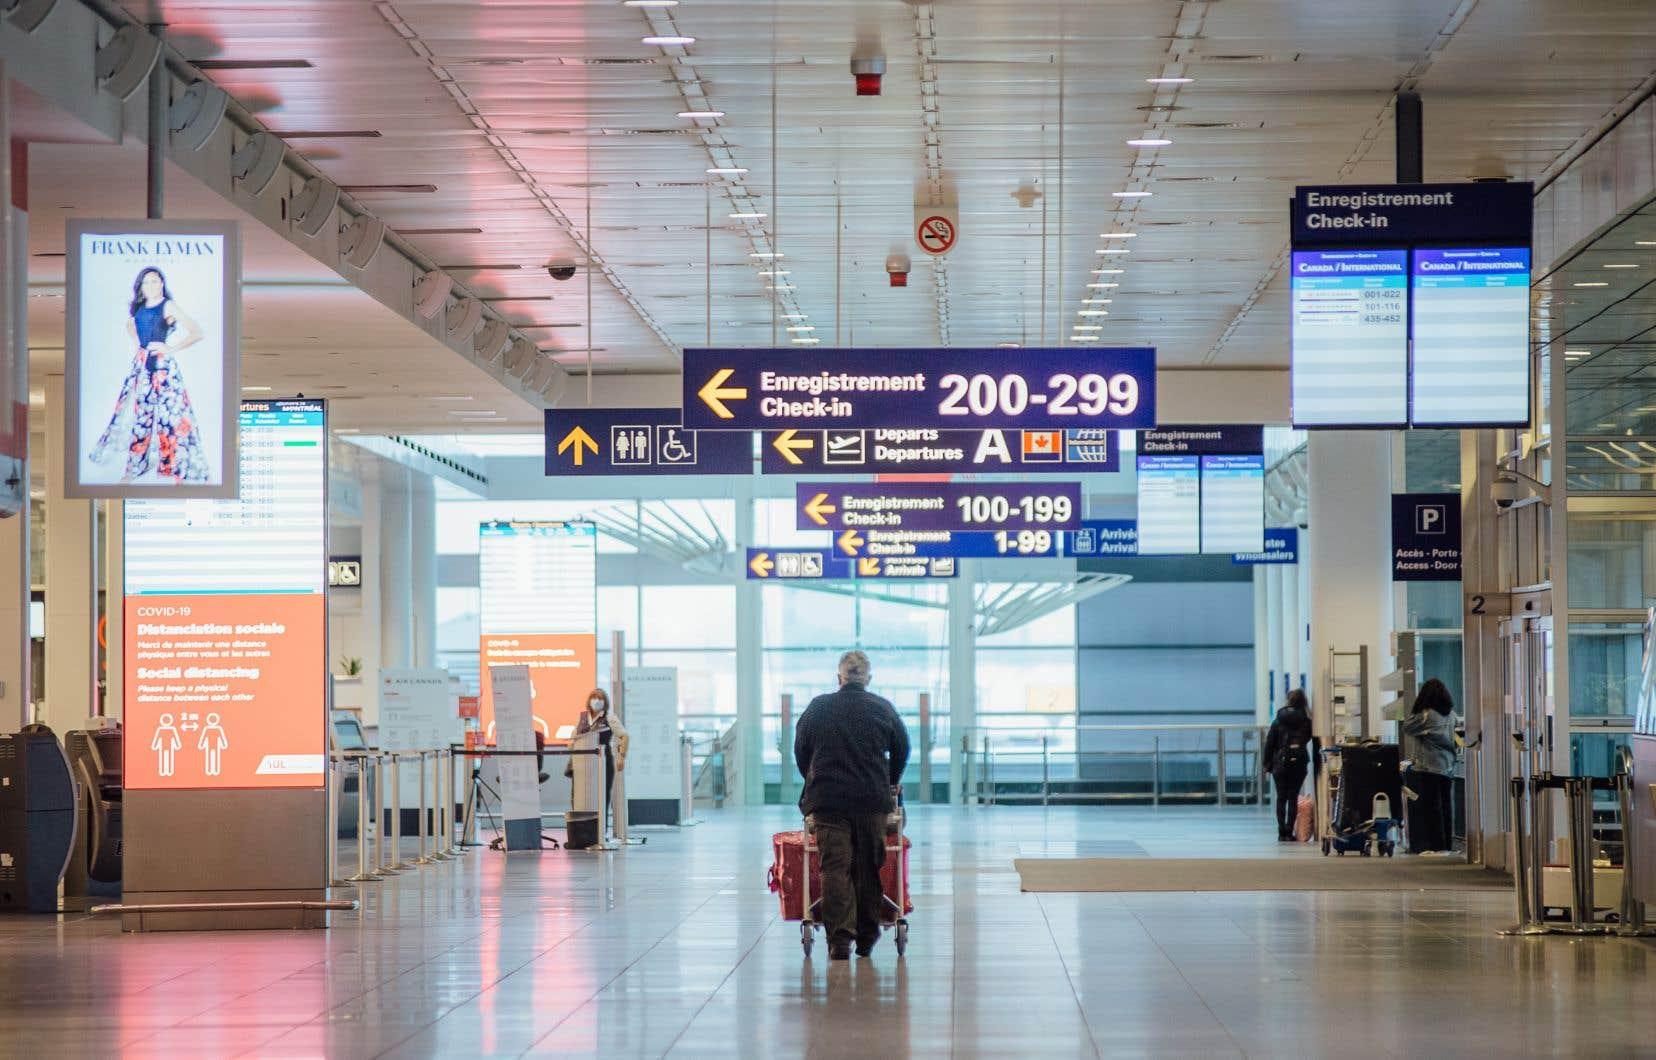 L'obligation de quarantaine à l'hôtel pendant trois jours, en attendant un résultat négatif de test PCR à l'arrivée au Canada, a été mise en place en février et récemment prolongée jusqu'au 21juin.